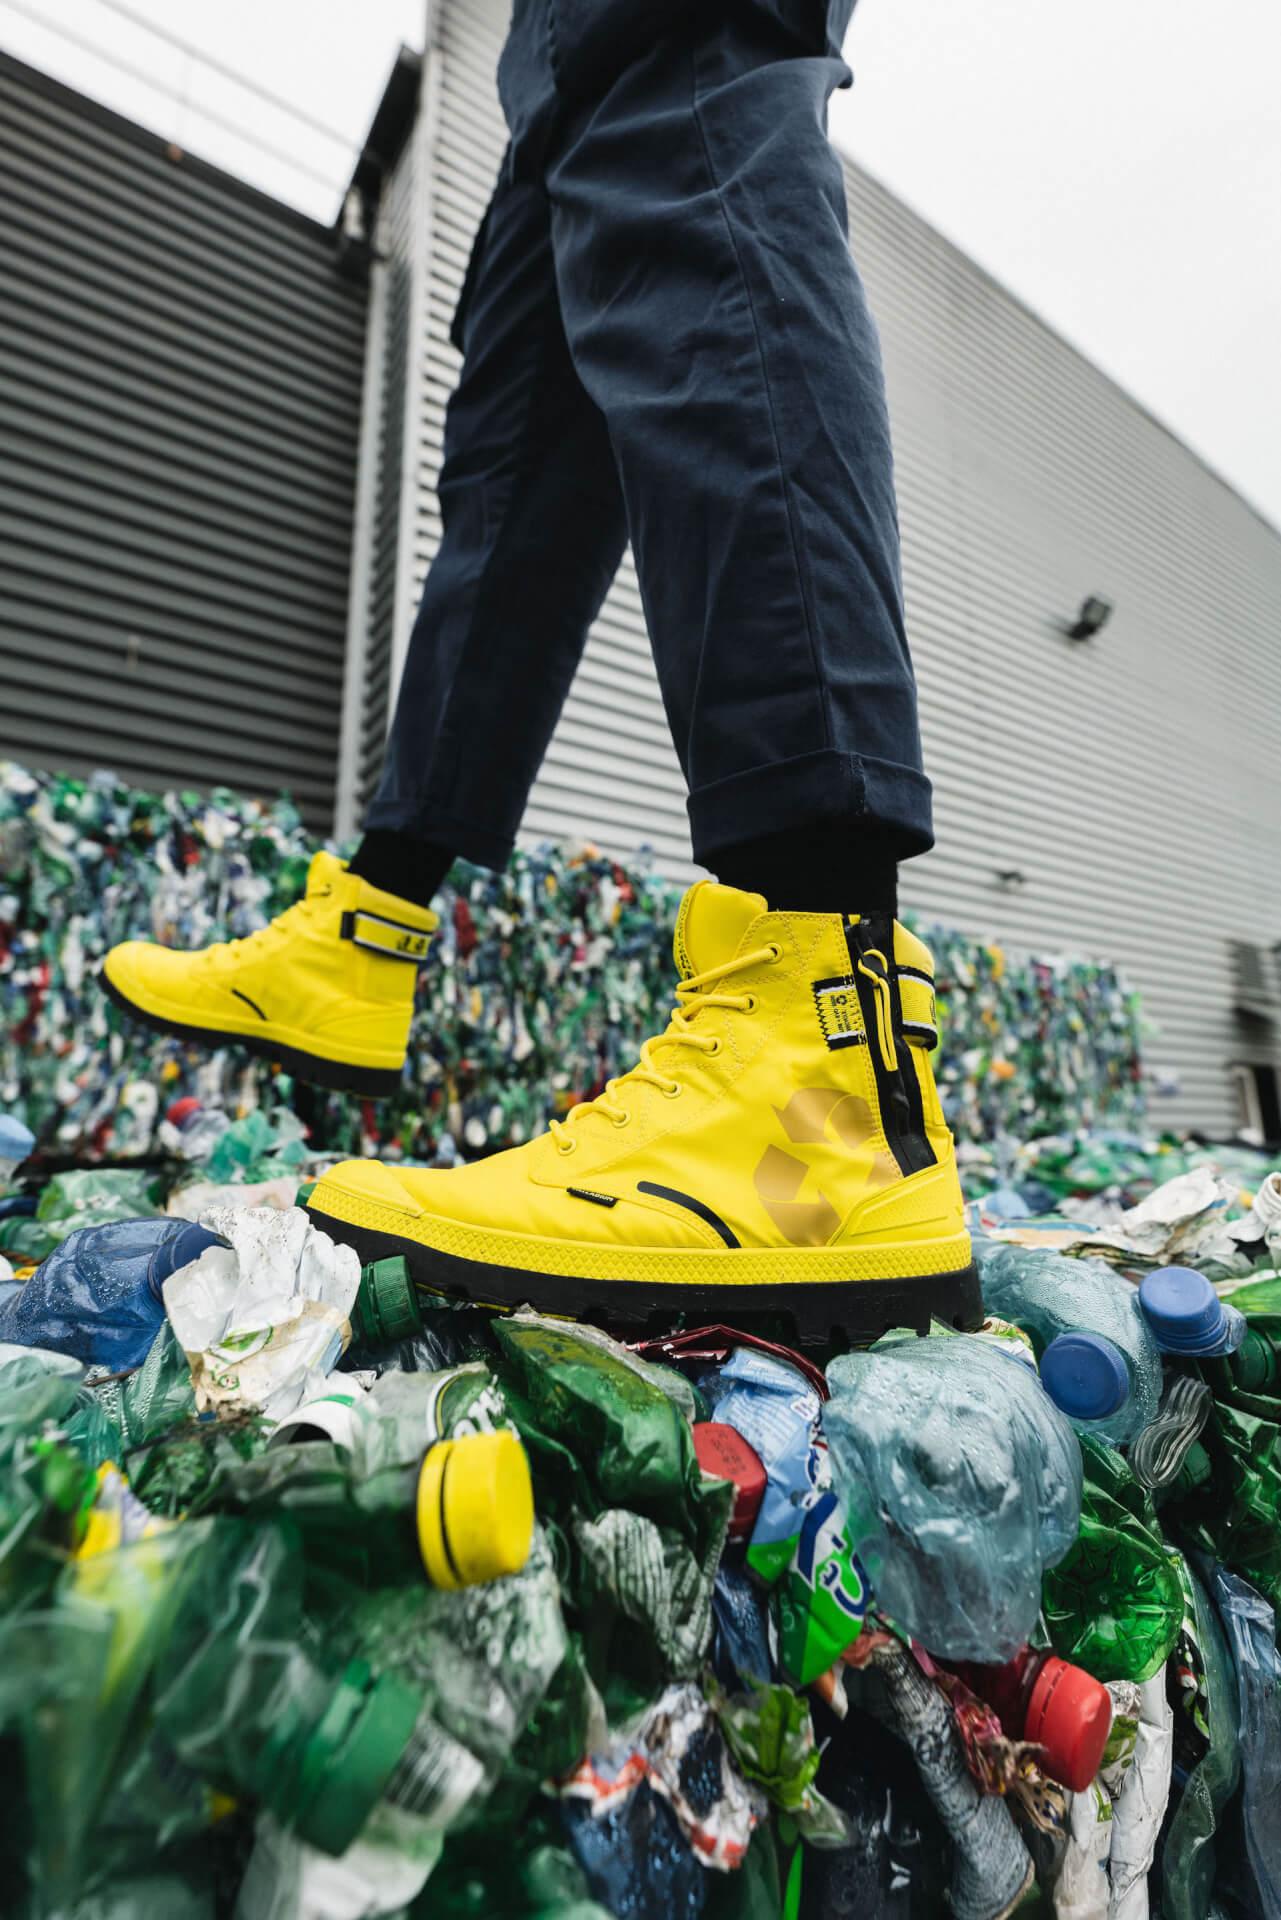 パラディウムから微生物の働きにより分解できる素材やペットボトルを使ったサスティナブルな防水ブーツ3モデルが登場! lf200305_palladiumrcycl_04